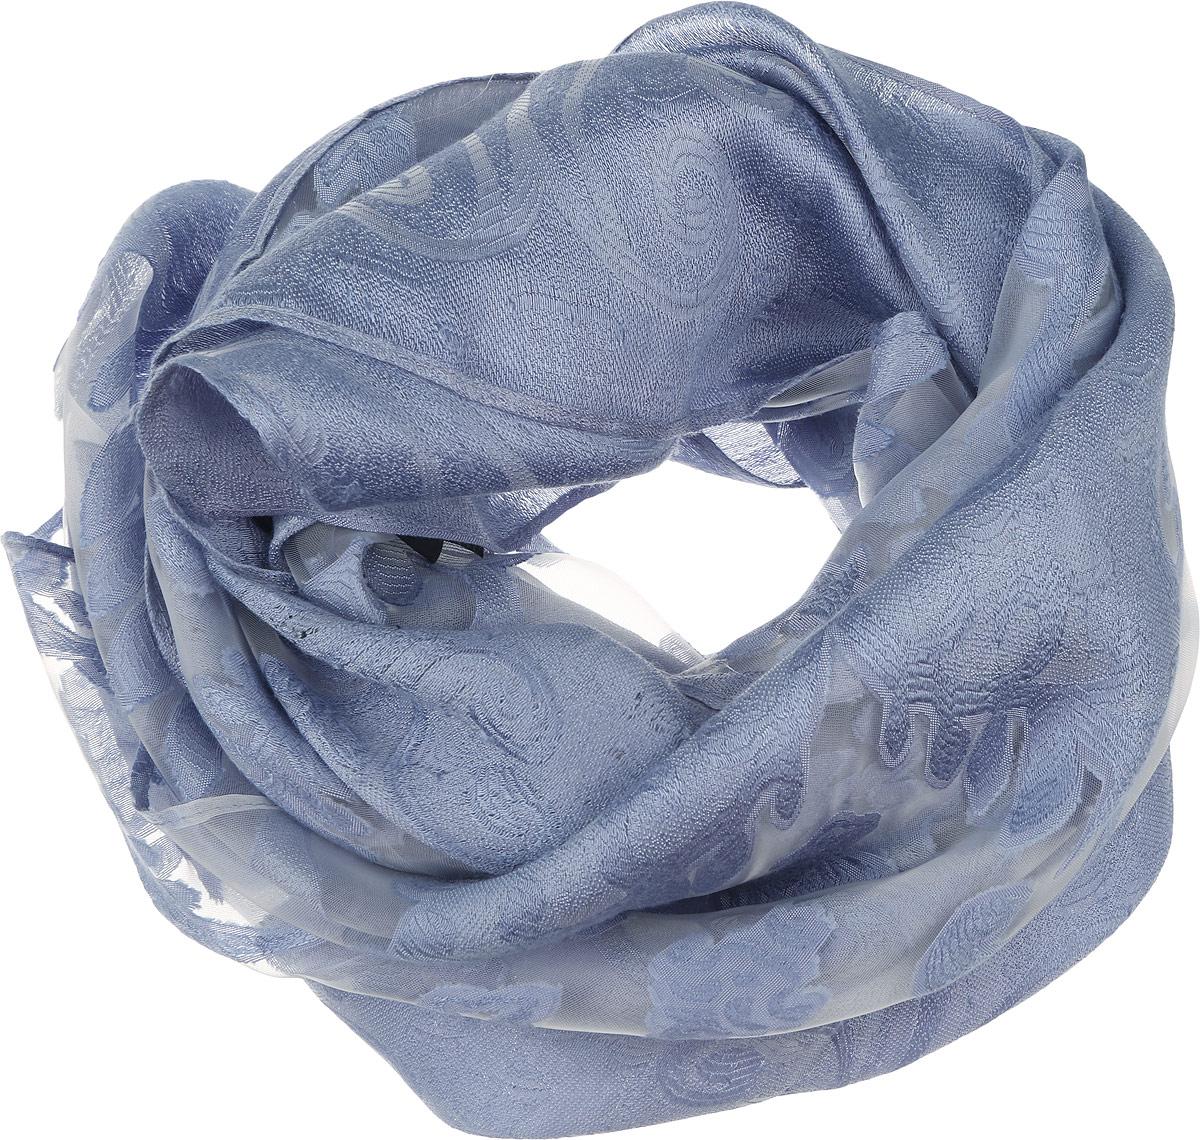 Палантин женский Sophie Ramage, цвет: сине-голубой. YY-21658-25. Размер 70 см х 180 смYY-21658-25Элегантный палантин Sophie Ramage станет достойным завершением вашего образа. Палантин изготовлен из шелка с добавлением вискозы. Оформлена модель вставками из полупрозрачного материала и стильным узором. Палантин красиво драпируется, он превосходно дополнит любой наряд и подчеркнет ваш изысканный вкус. Легкий и изящный палантин привнесет в ваш образ утонченность и шарм.